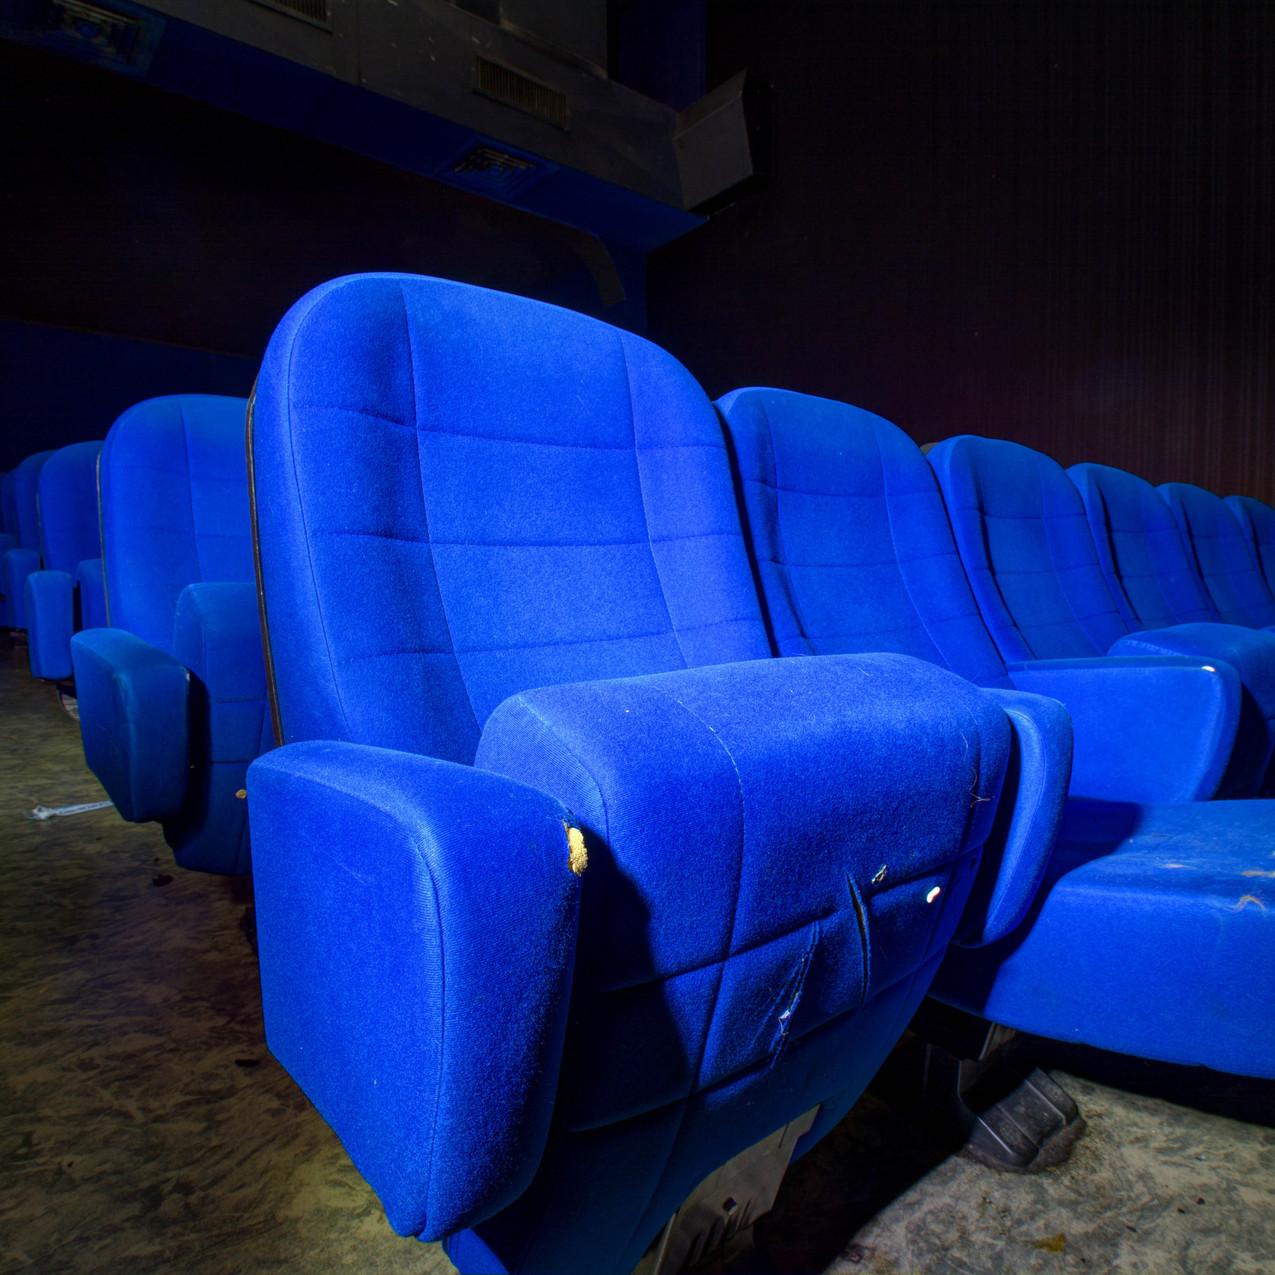 Urbex - Cinéma bleu 02